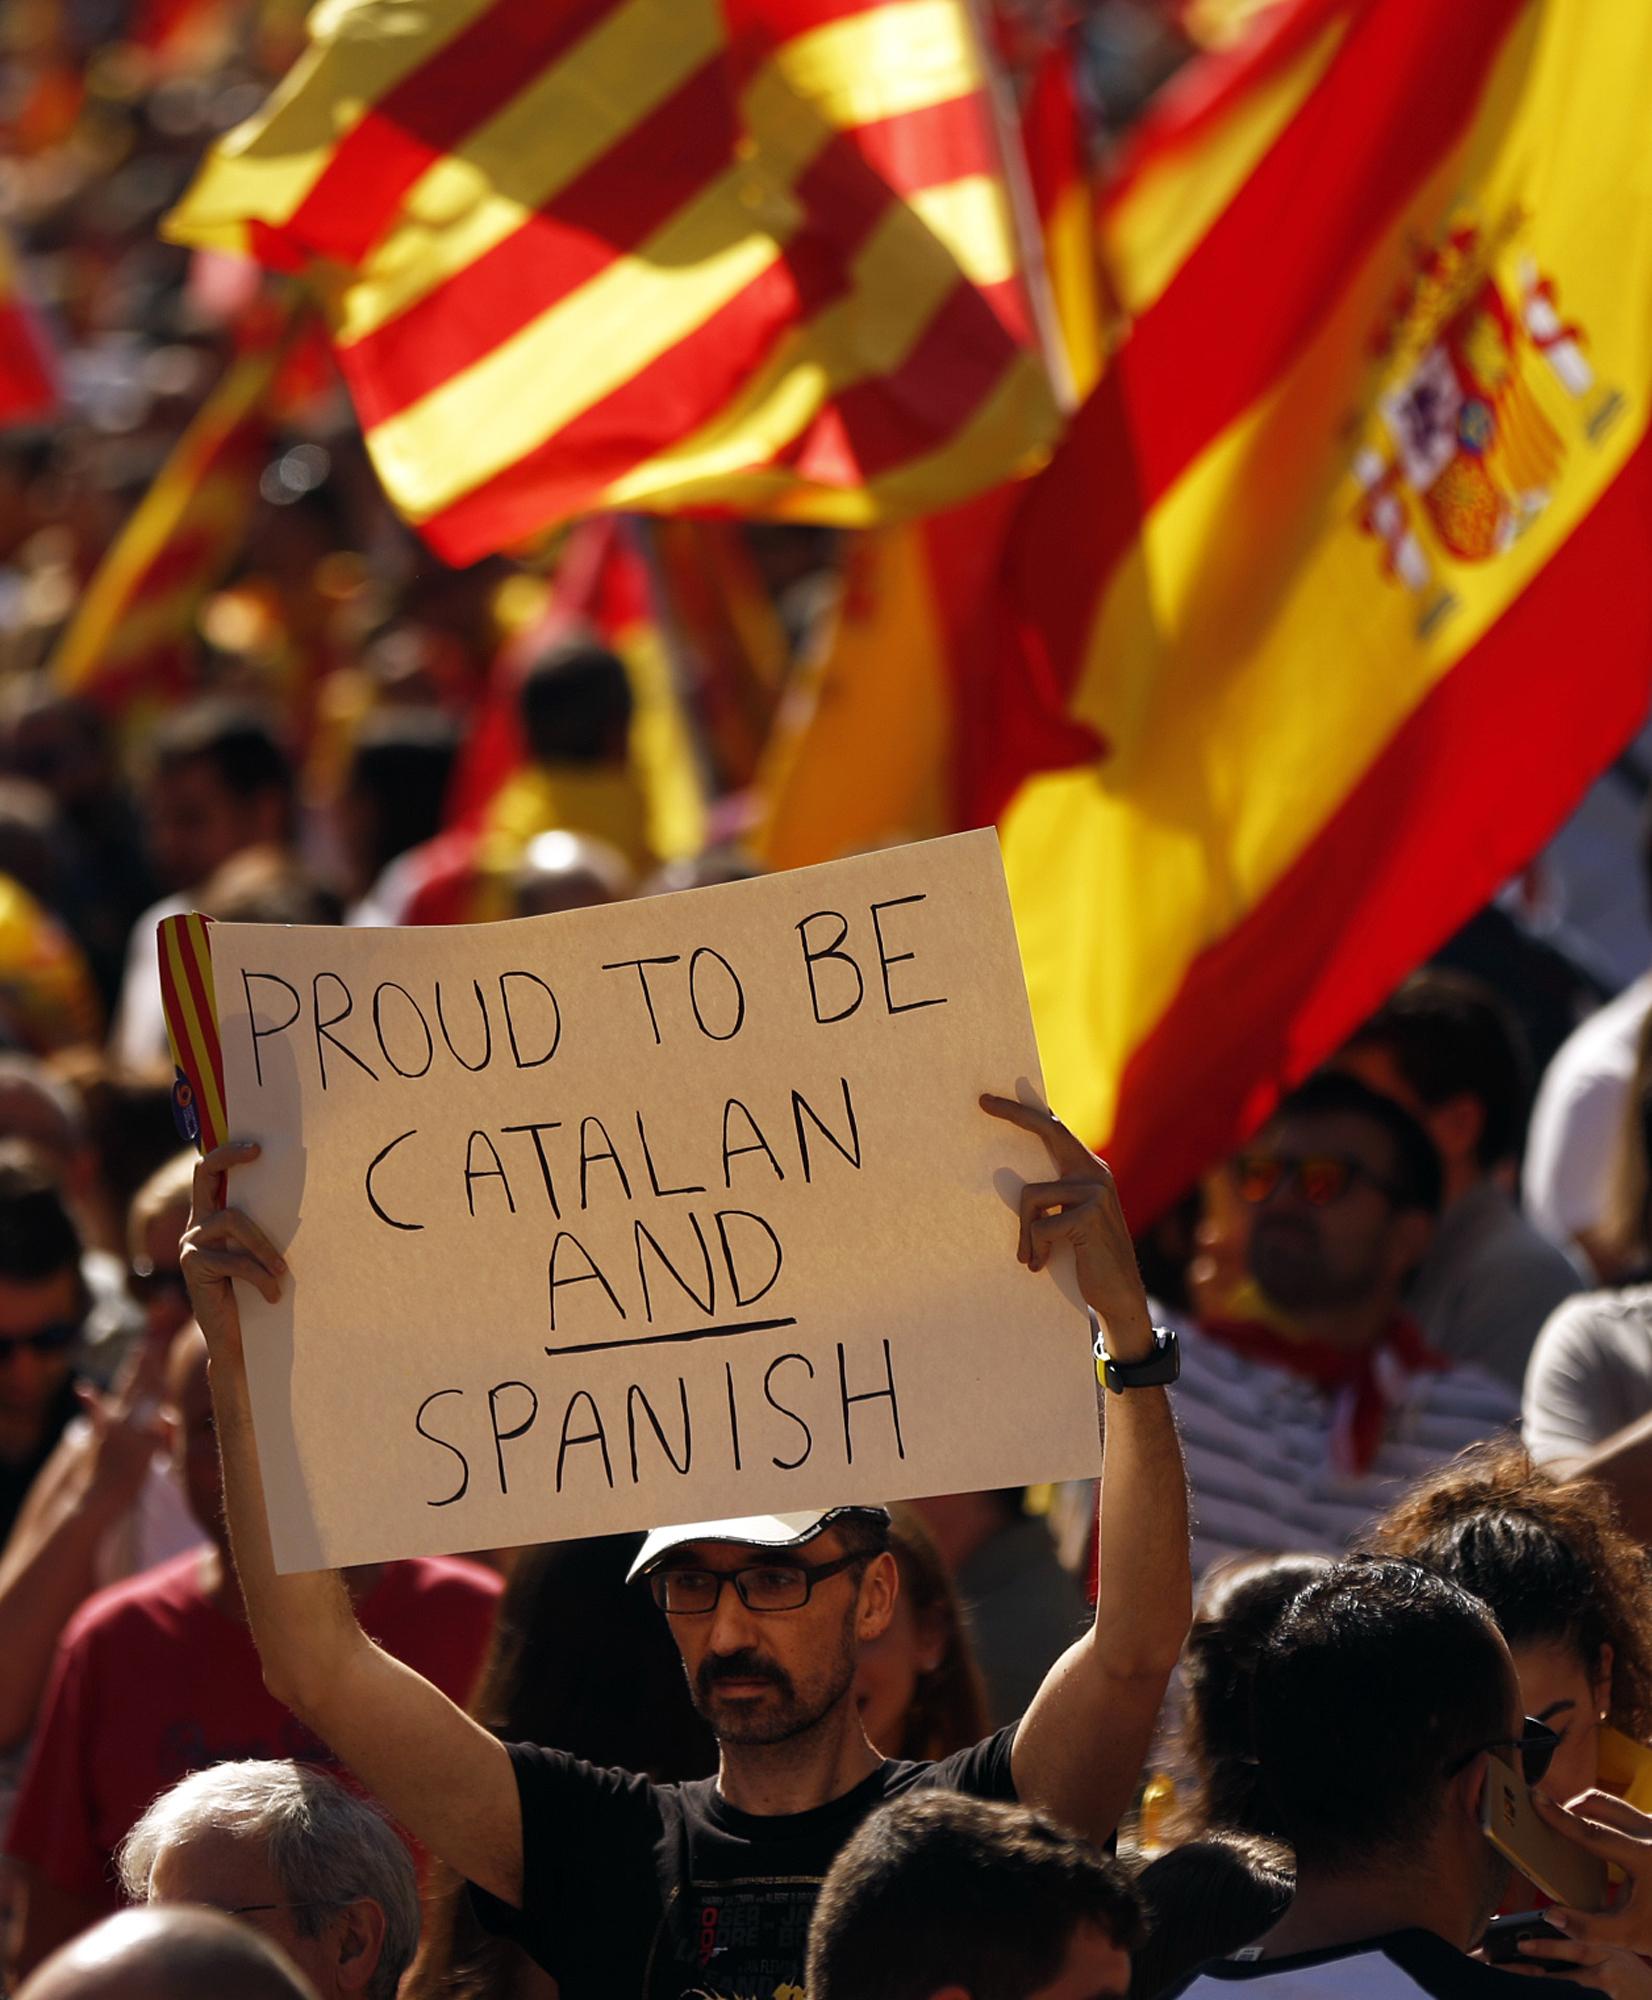 Репресии няма да накарат каталунците да се чувстват испанци